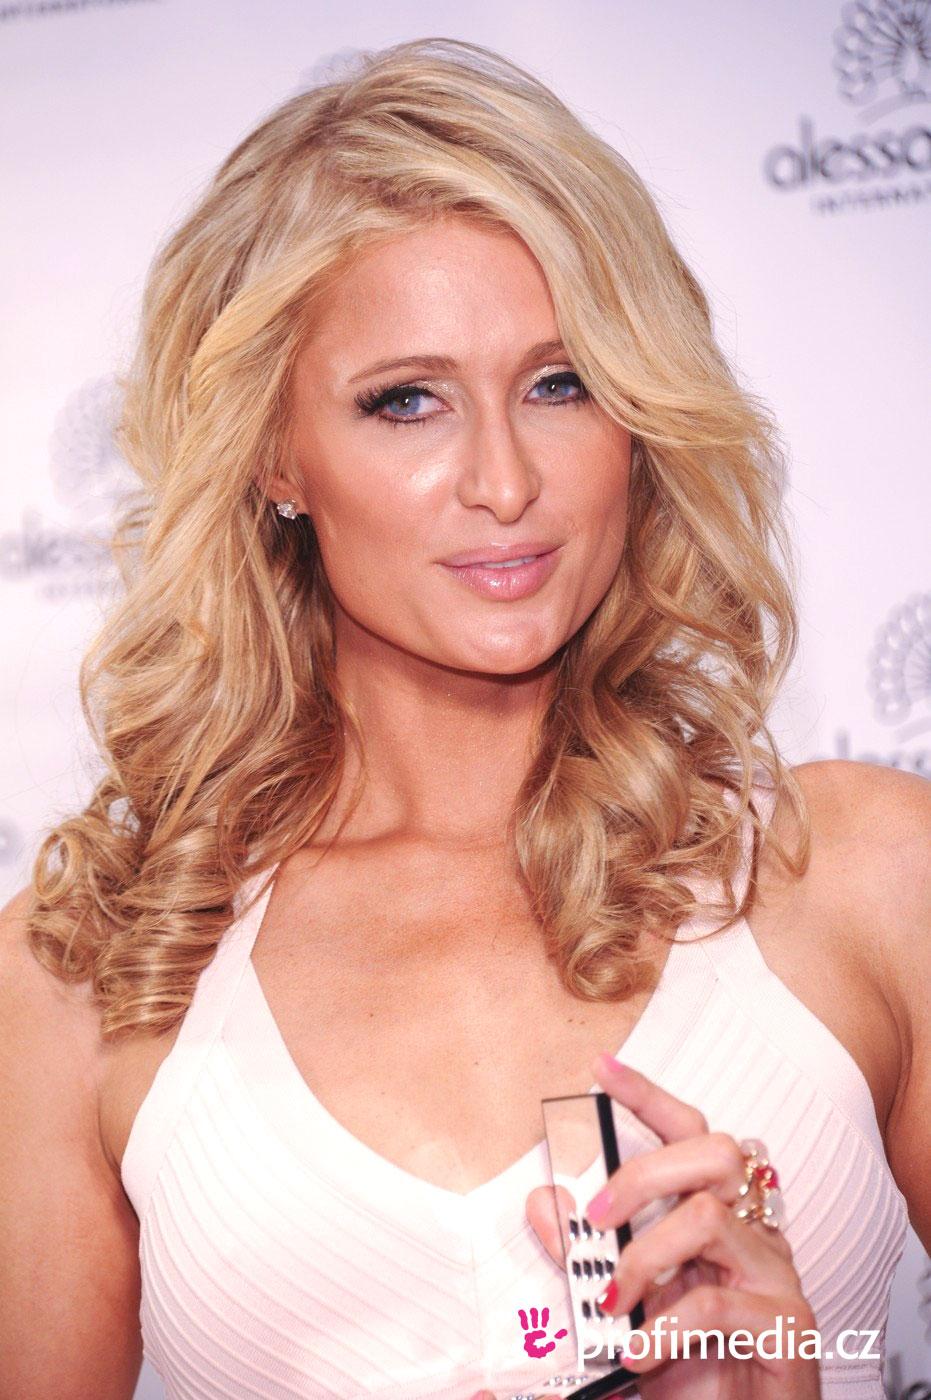 Paris Hilton - frisur zum Ausprobieren in eFrisuren